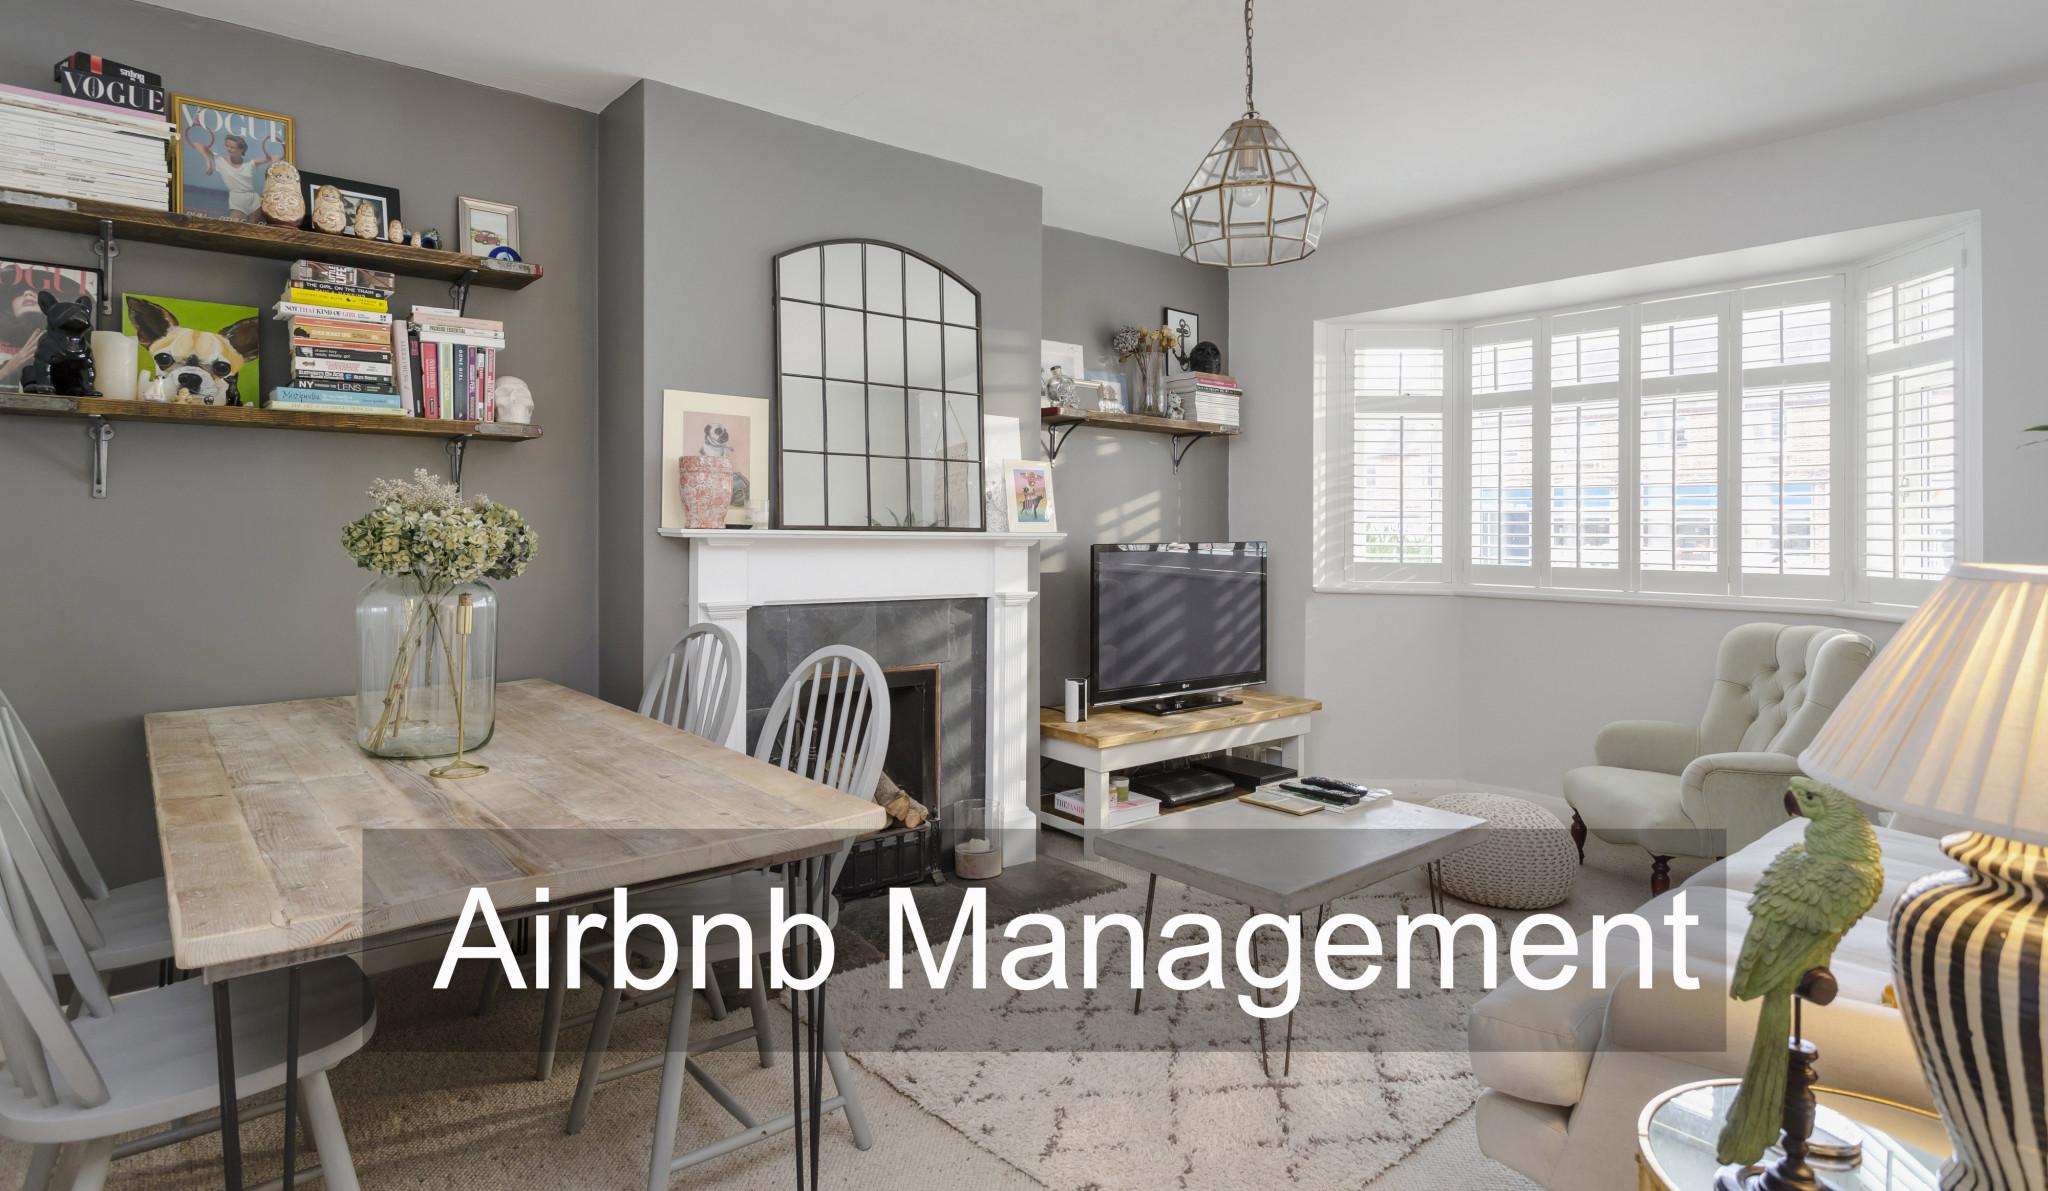 airbnbmanagementstalbans